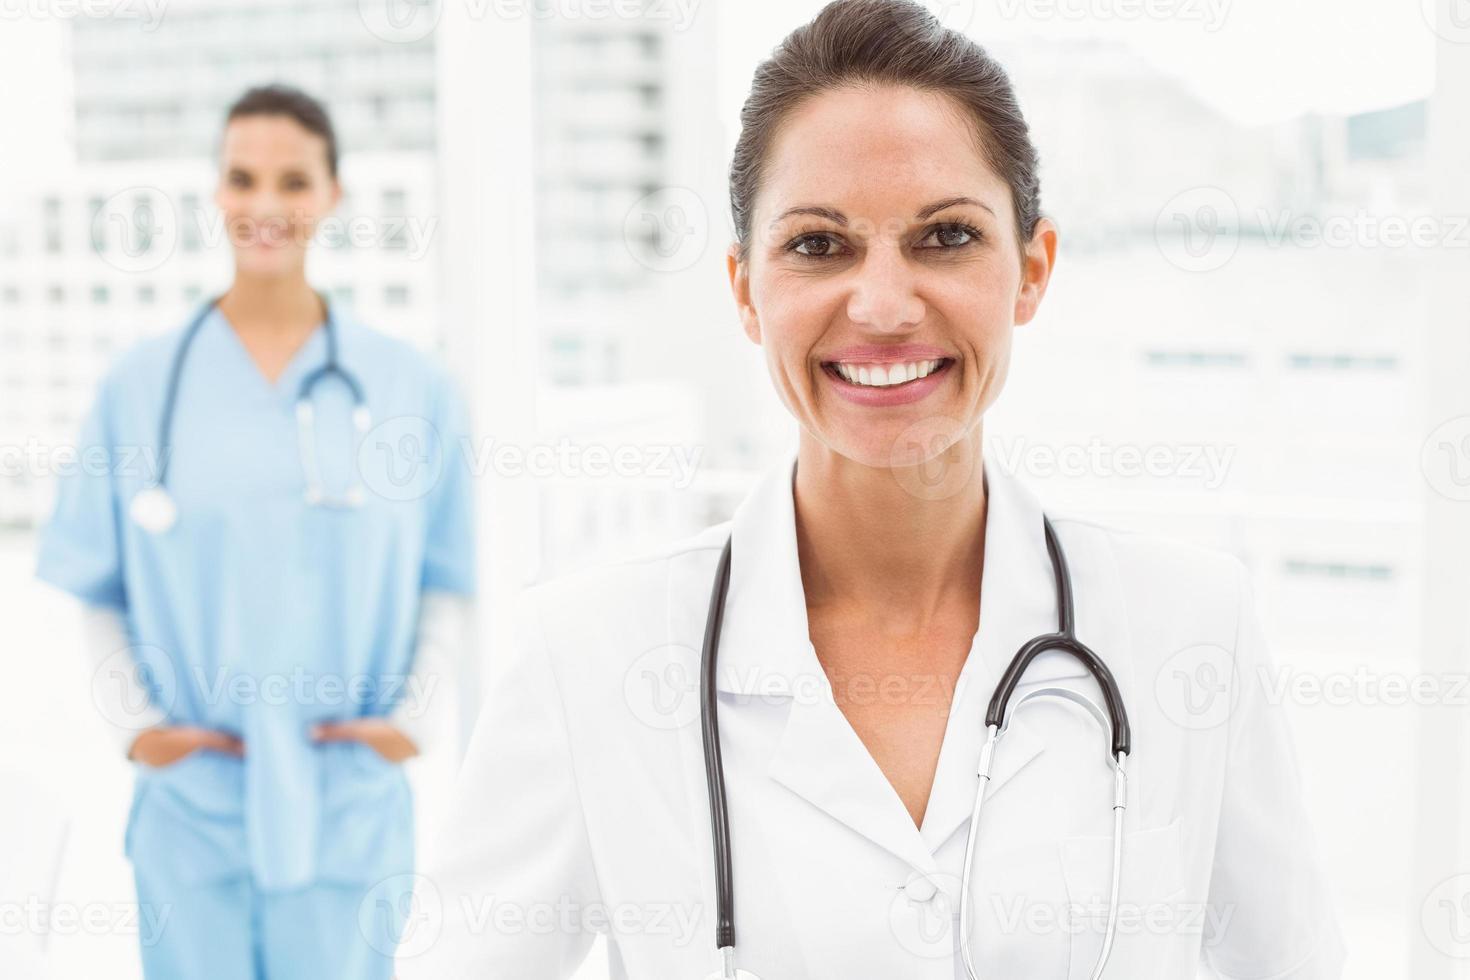 Porträt einer lächelnden selbstbewussten Ärztin foto